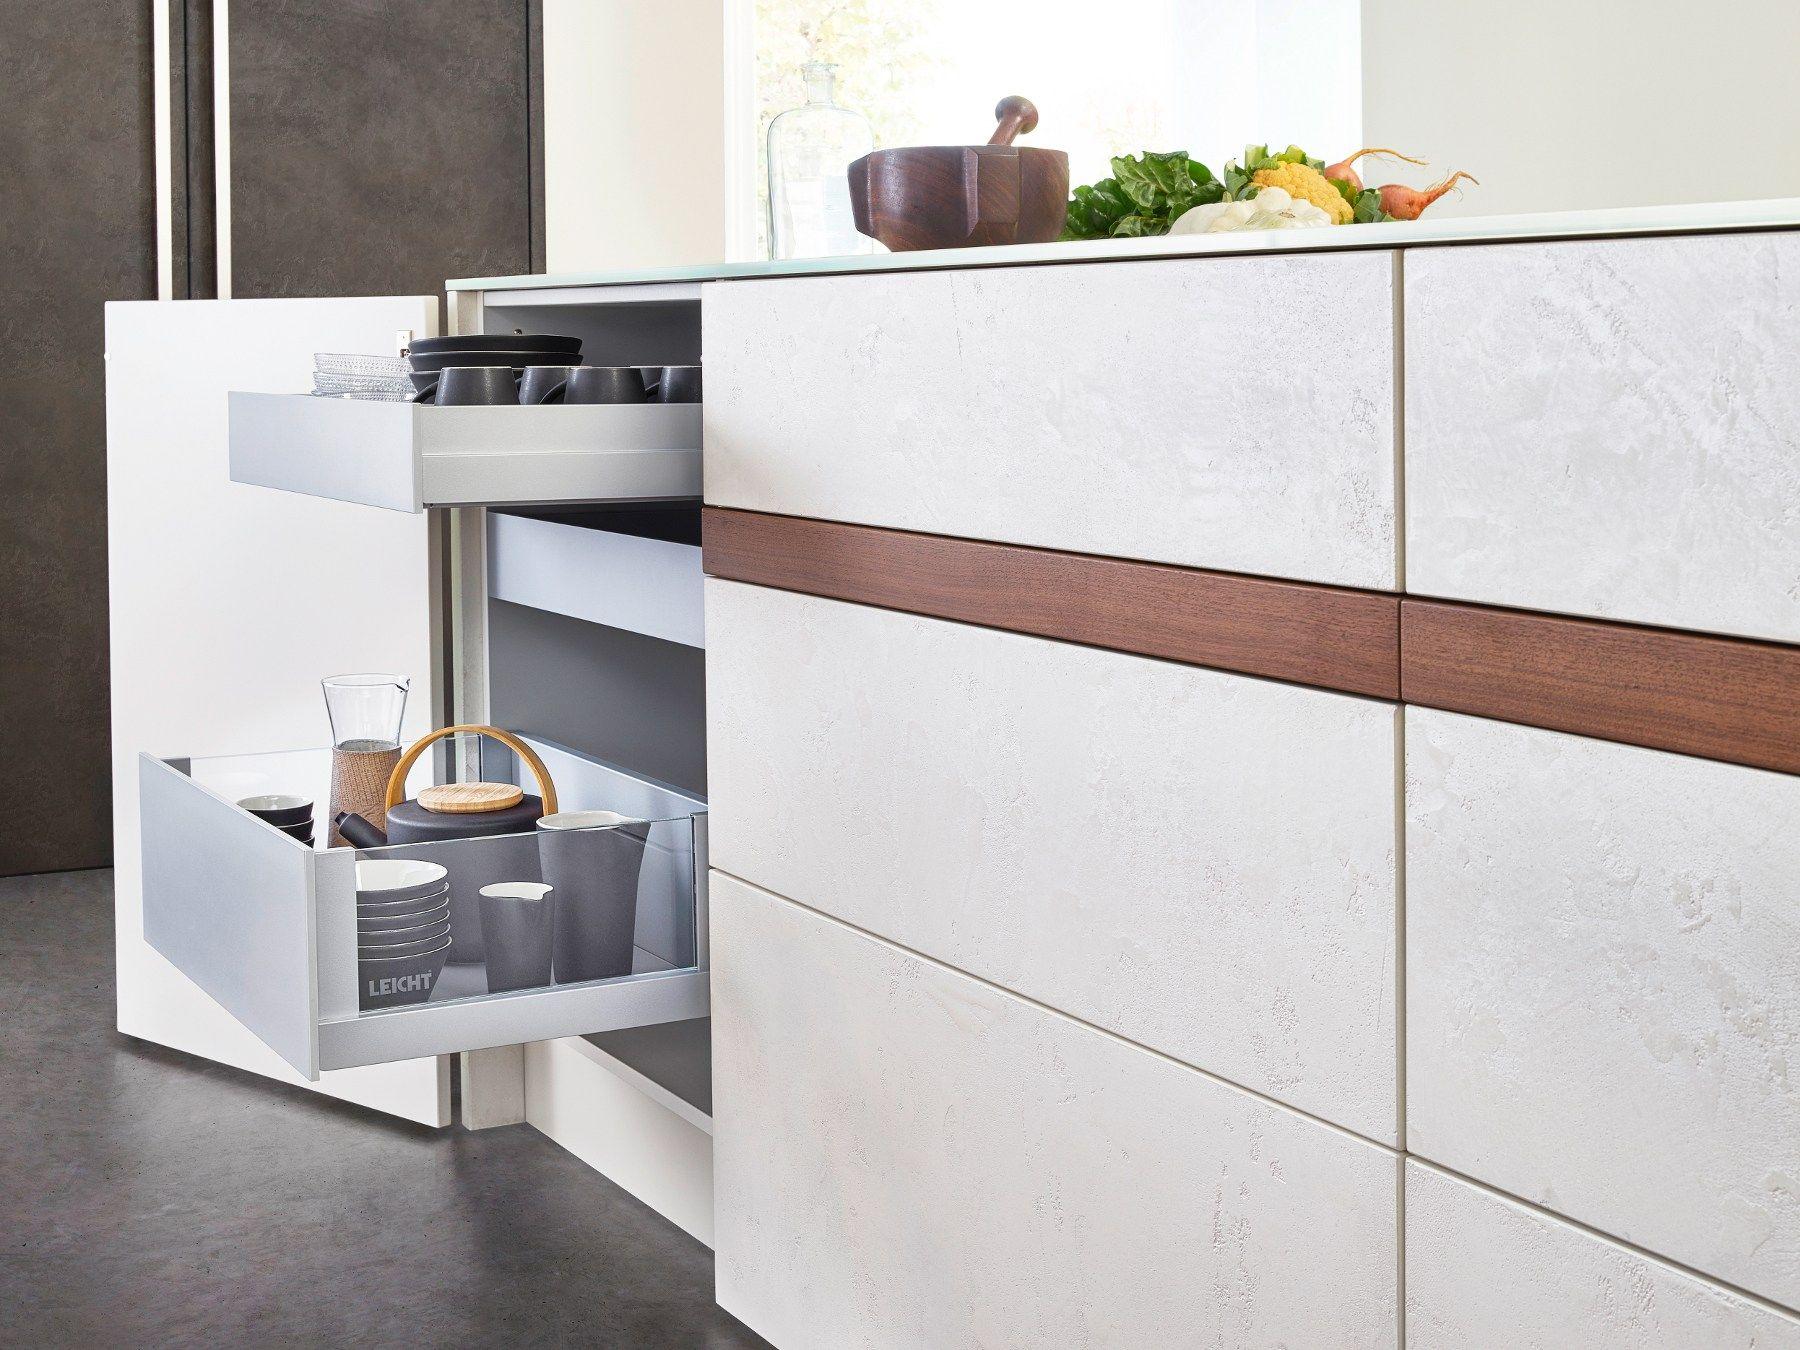 Küche Mit Kücheninsel Topos | Concreteleicht